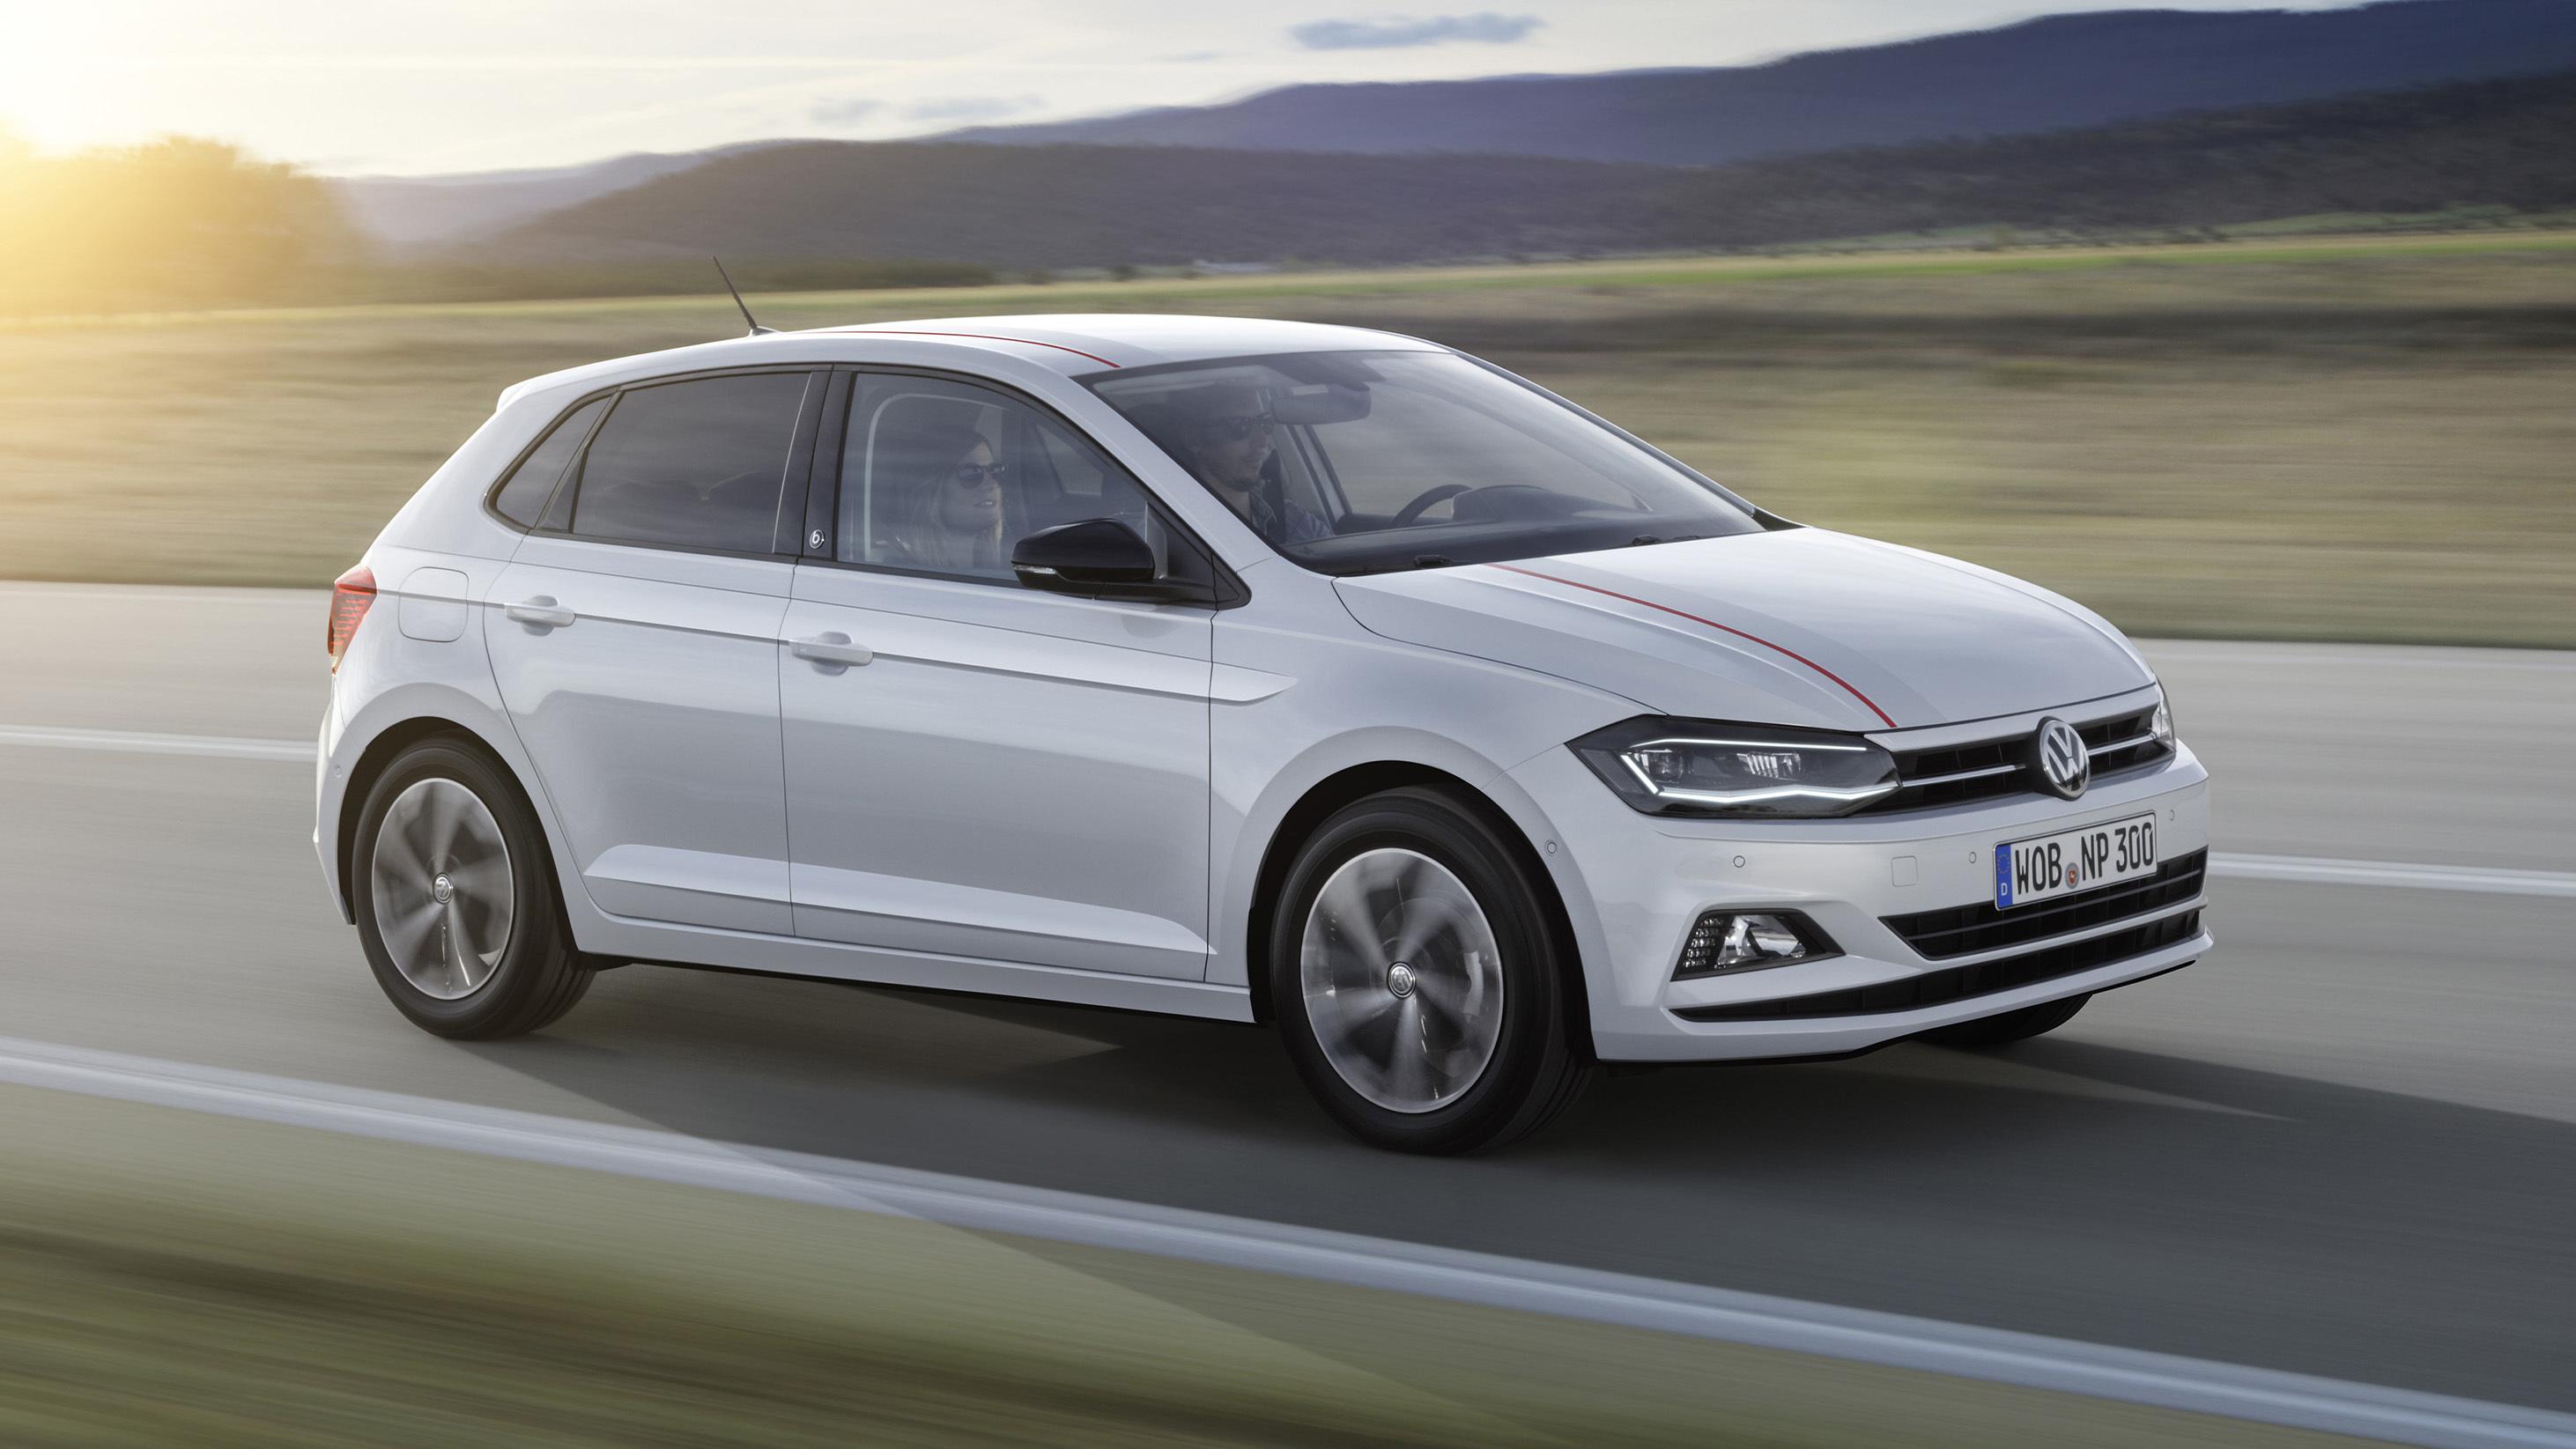 Volkswagen Polo нового поколения представлен официально 2